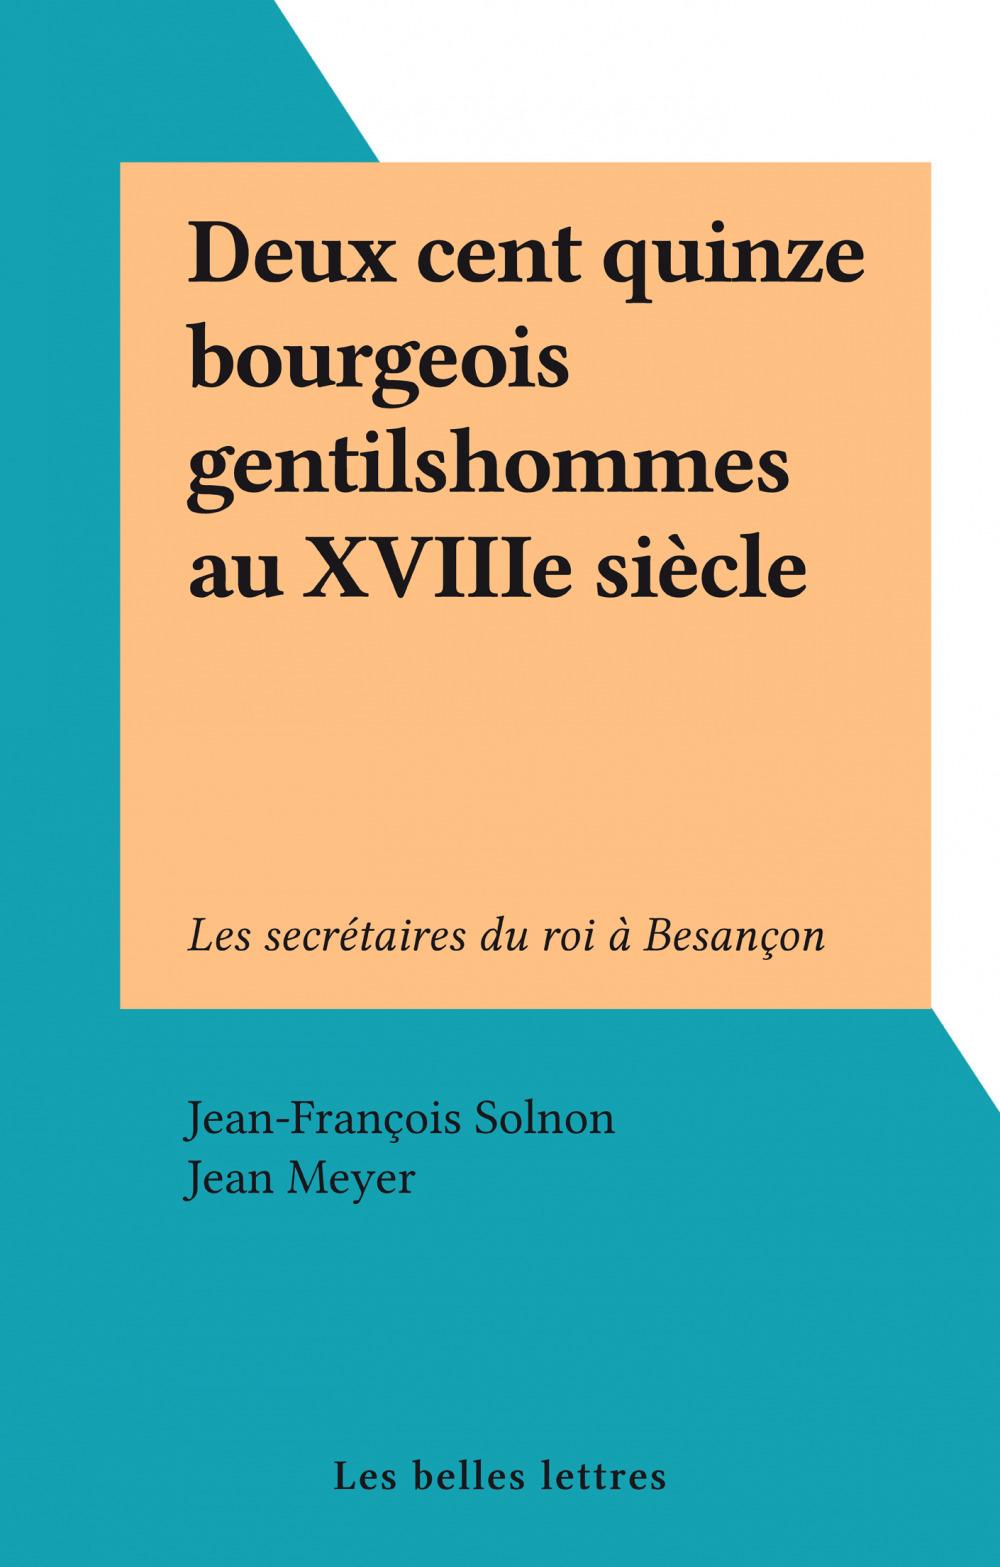 Deux cent quinze bourgeois gentilshommes au XVIIIe siècle